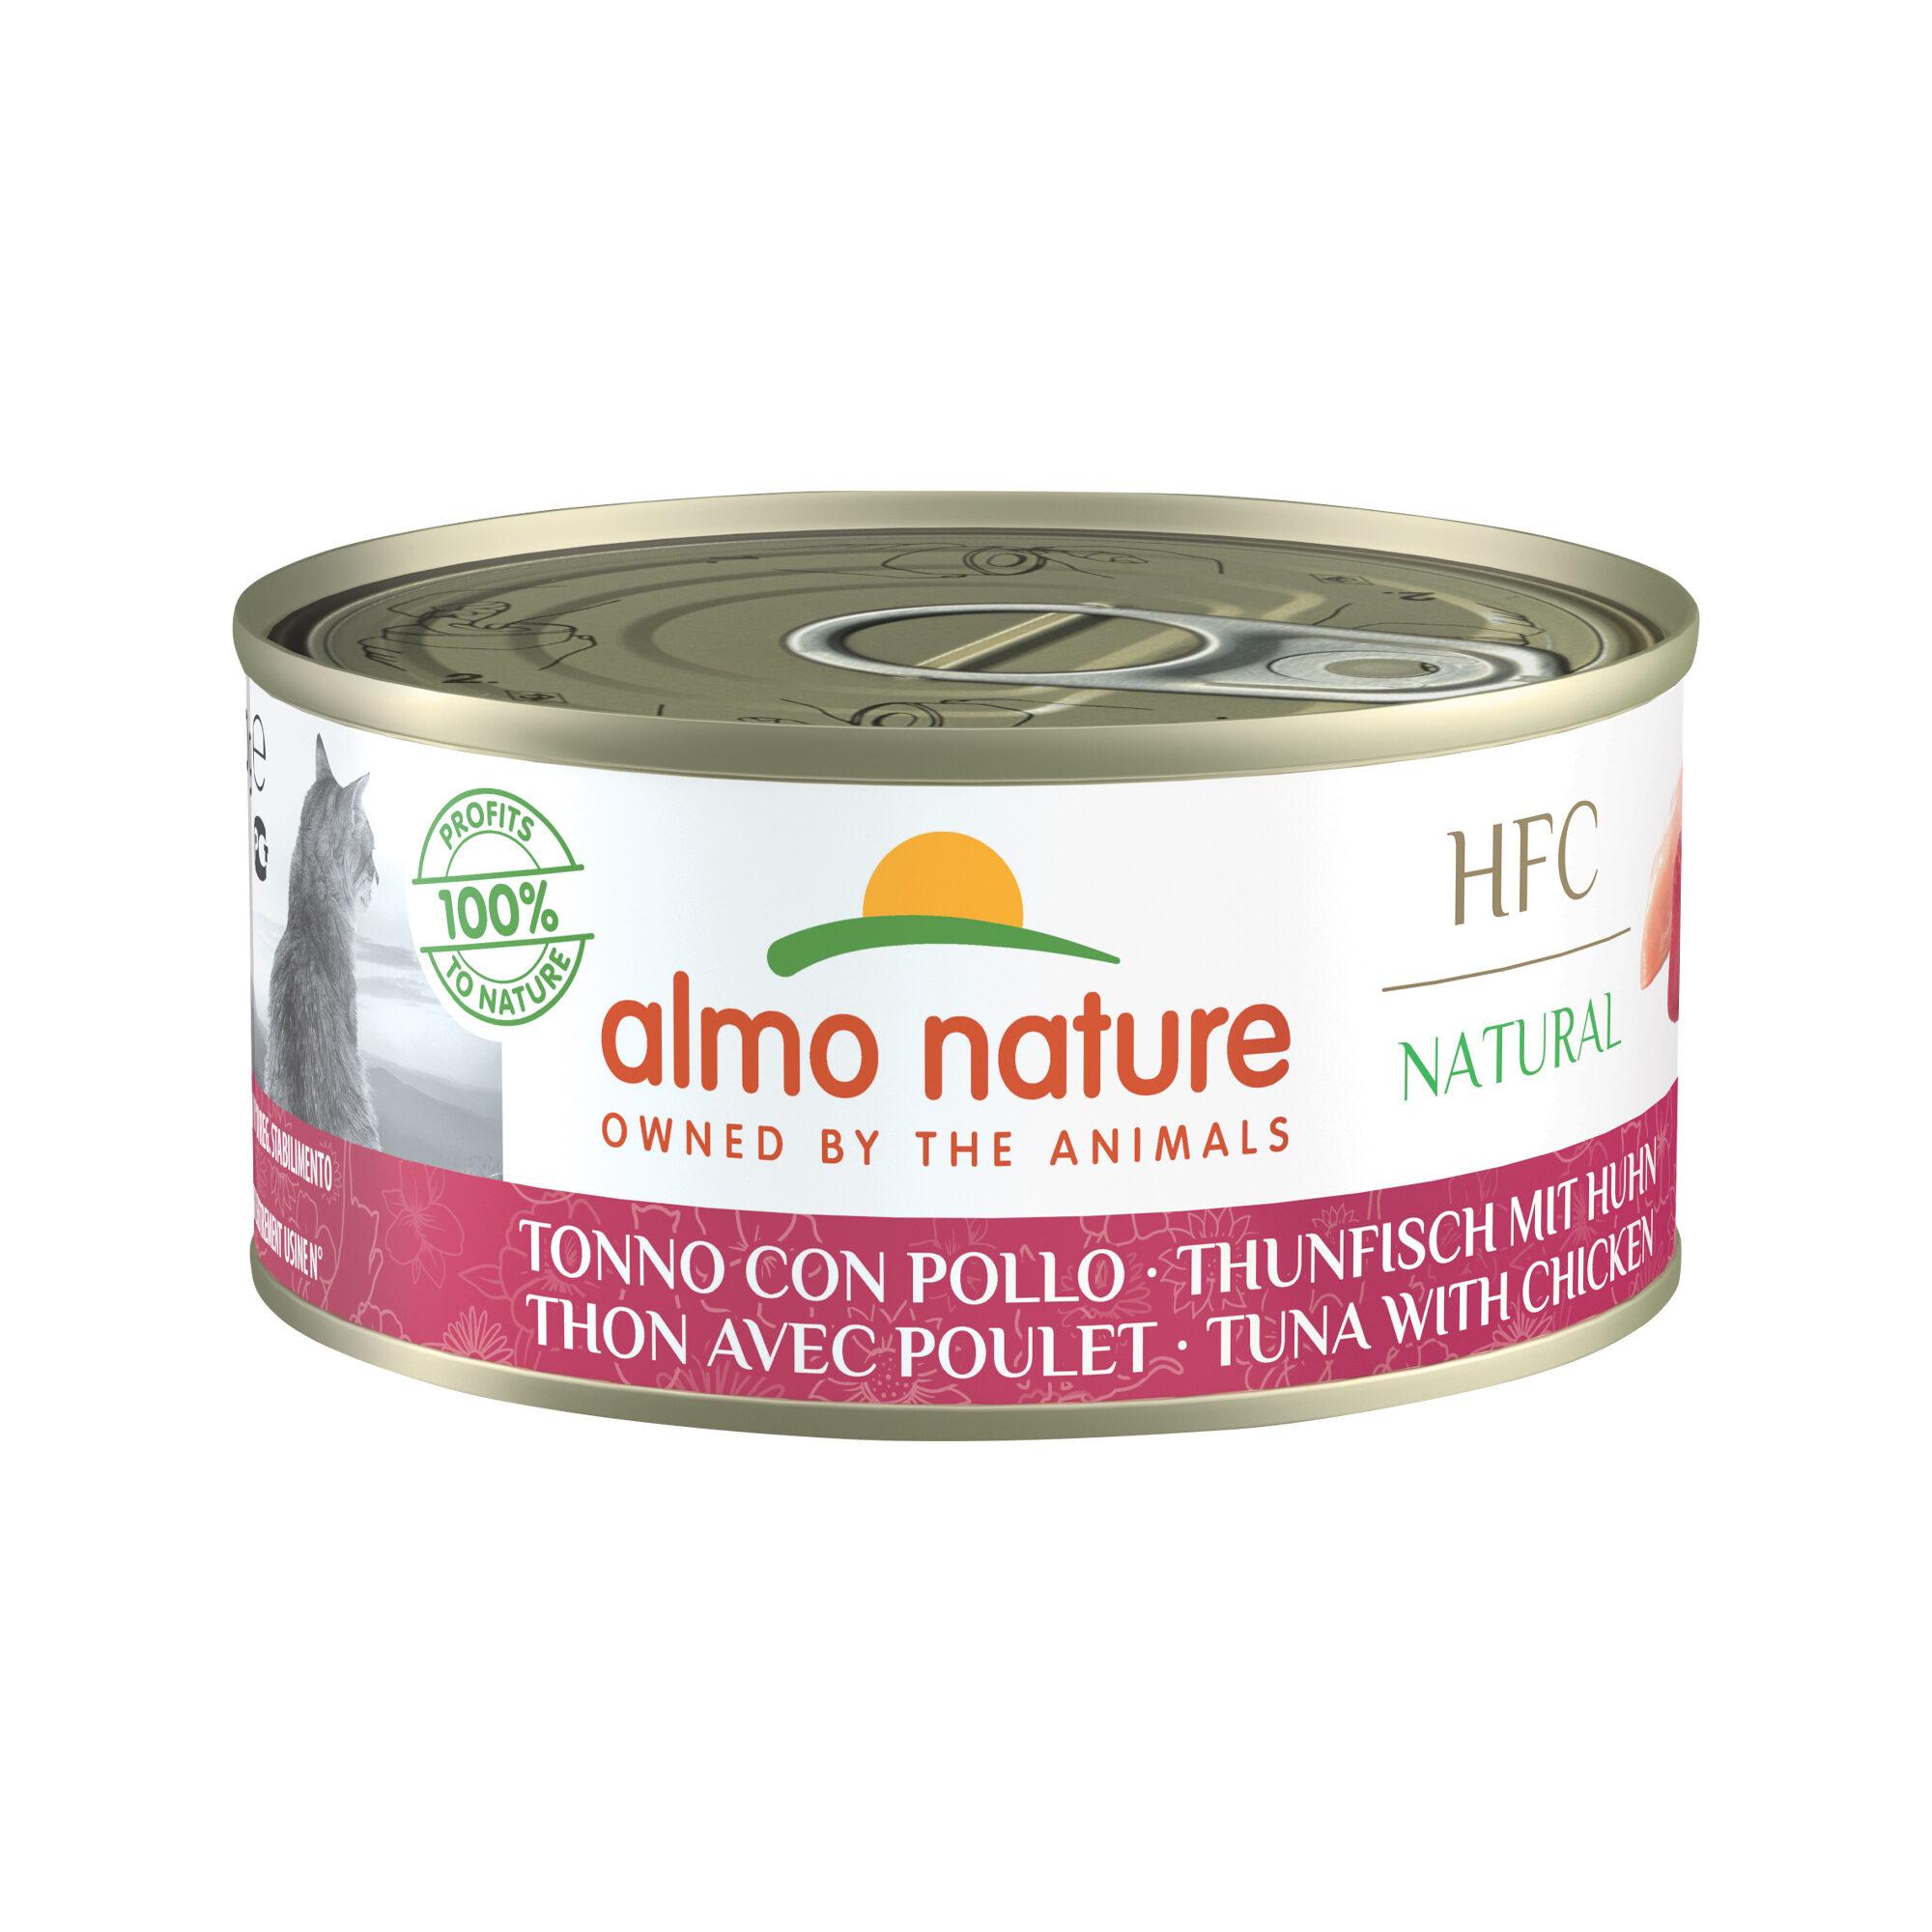 Almo Nature HFC Natural - Thon et poulet